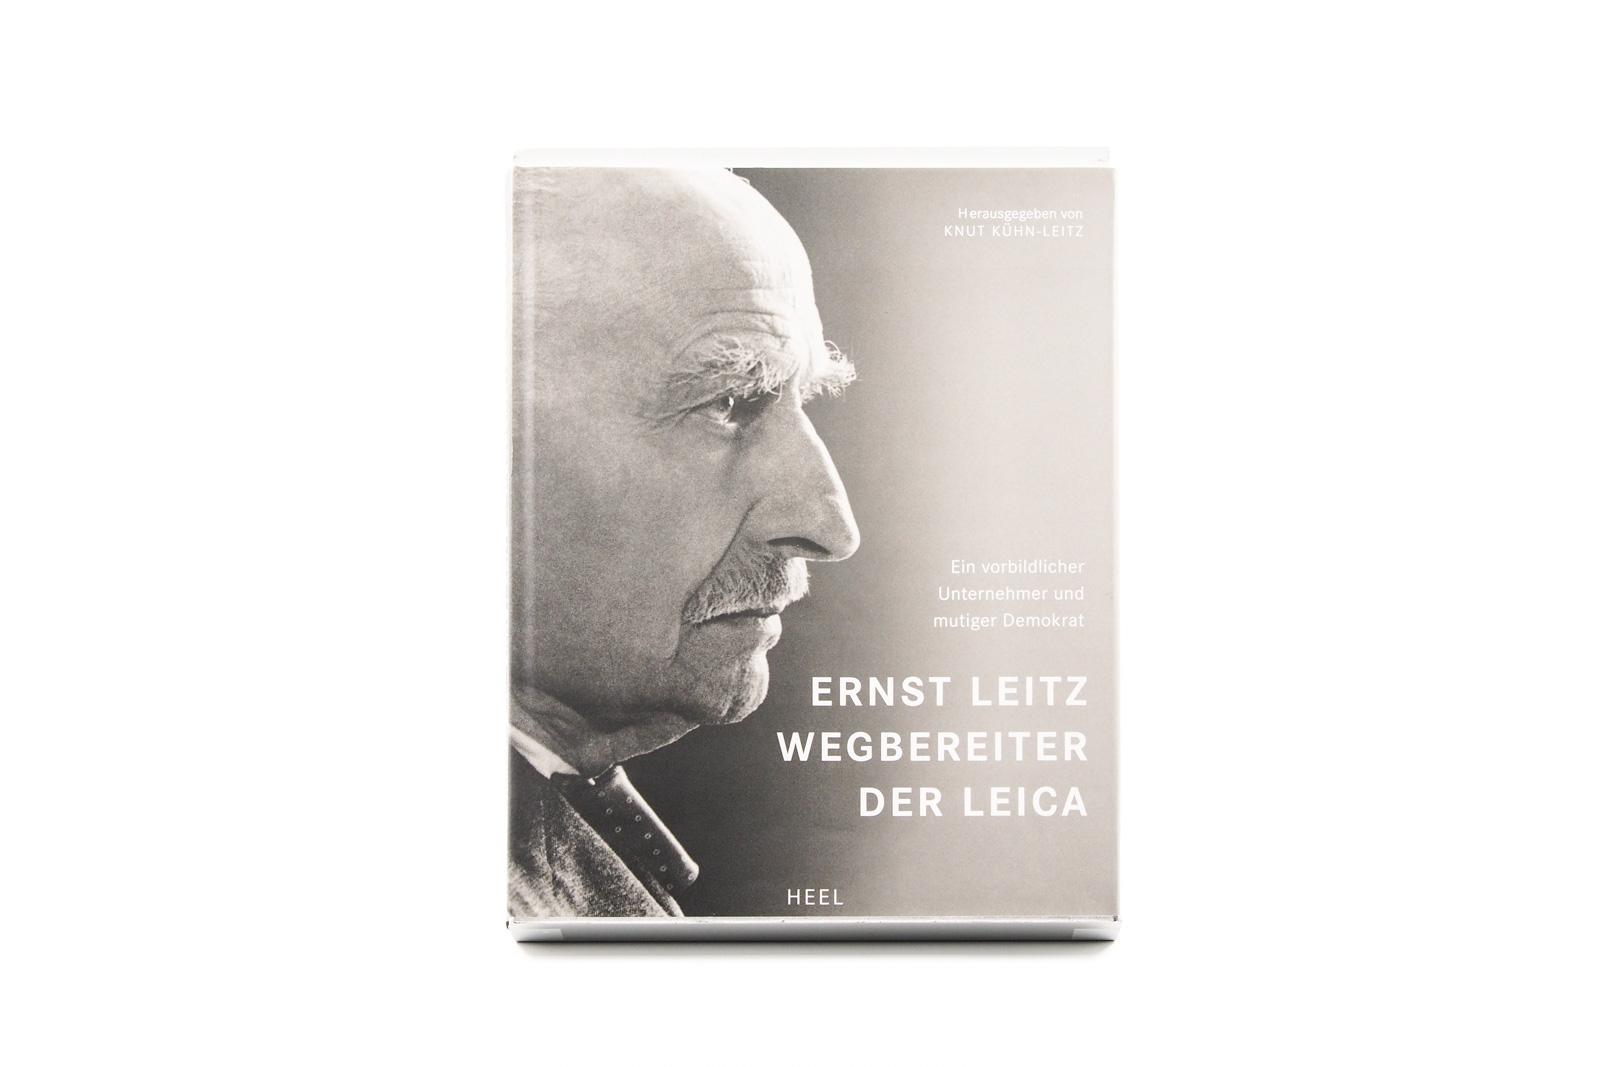 Ernst Leitz - Wegbereiter der Leica